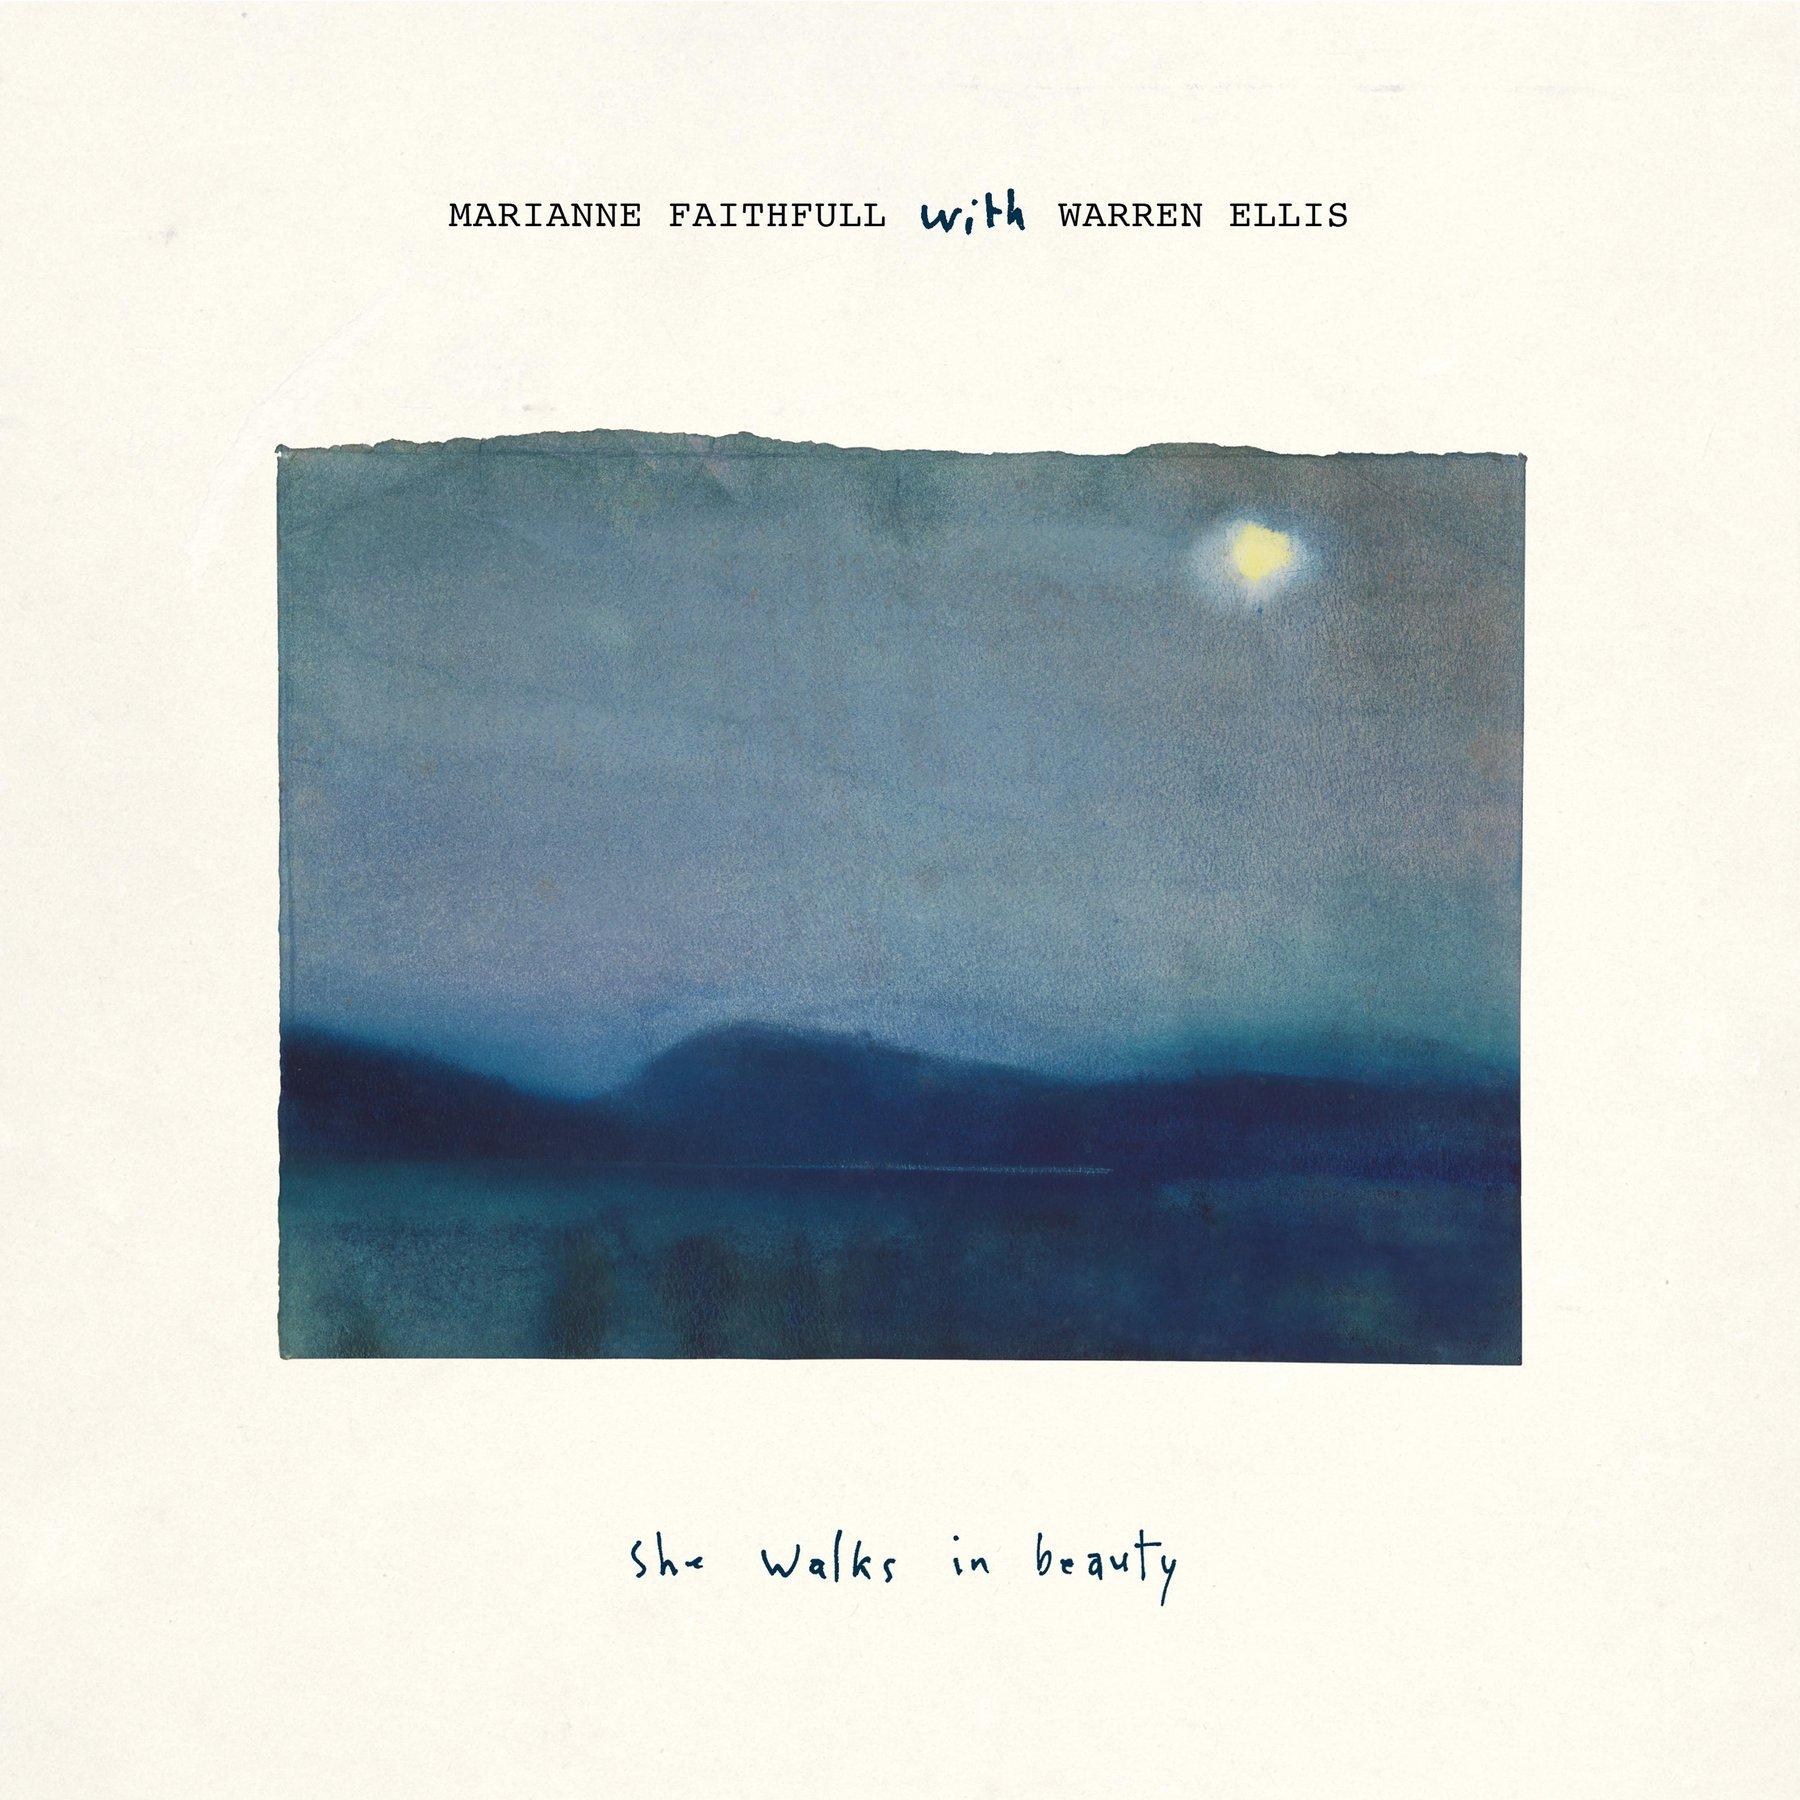 Marianne Faithfull With Warren Ellis : She Walks In Beauty